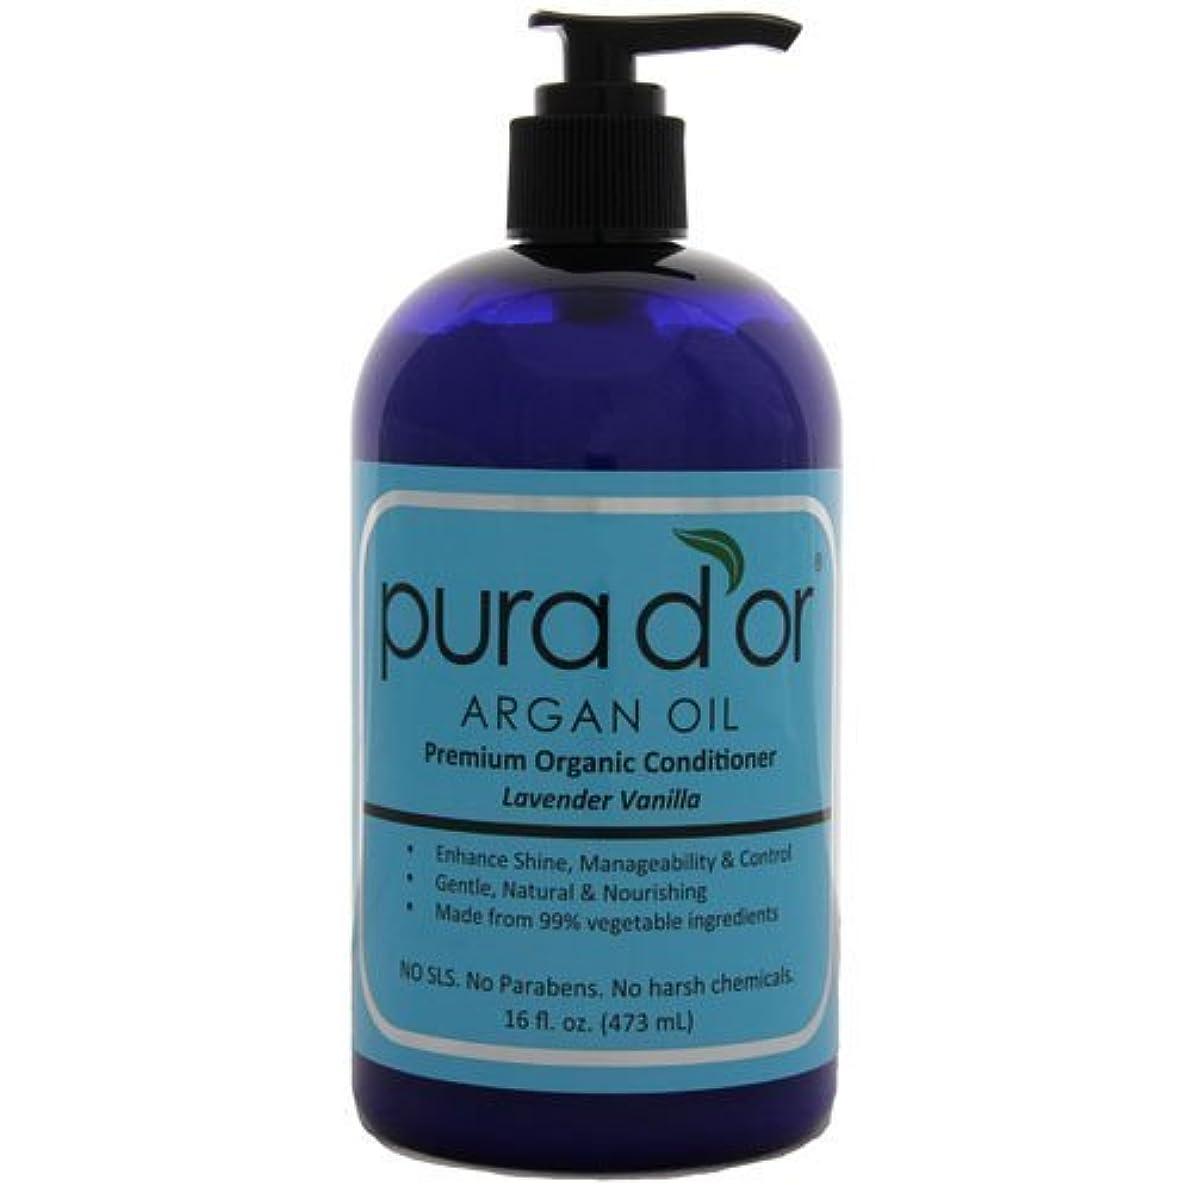 社会主義ケーブル無効Pura d'or: Premium Organic Argan oil Conditioner for Hair (16 fl. oz.) by Pura D'or [並行輸入品]